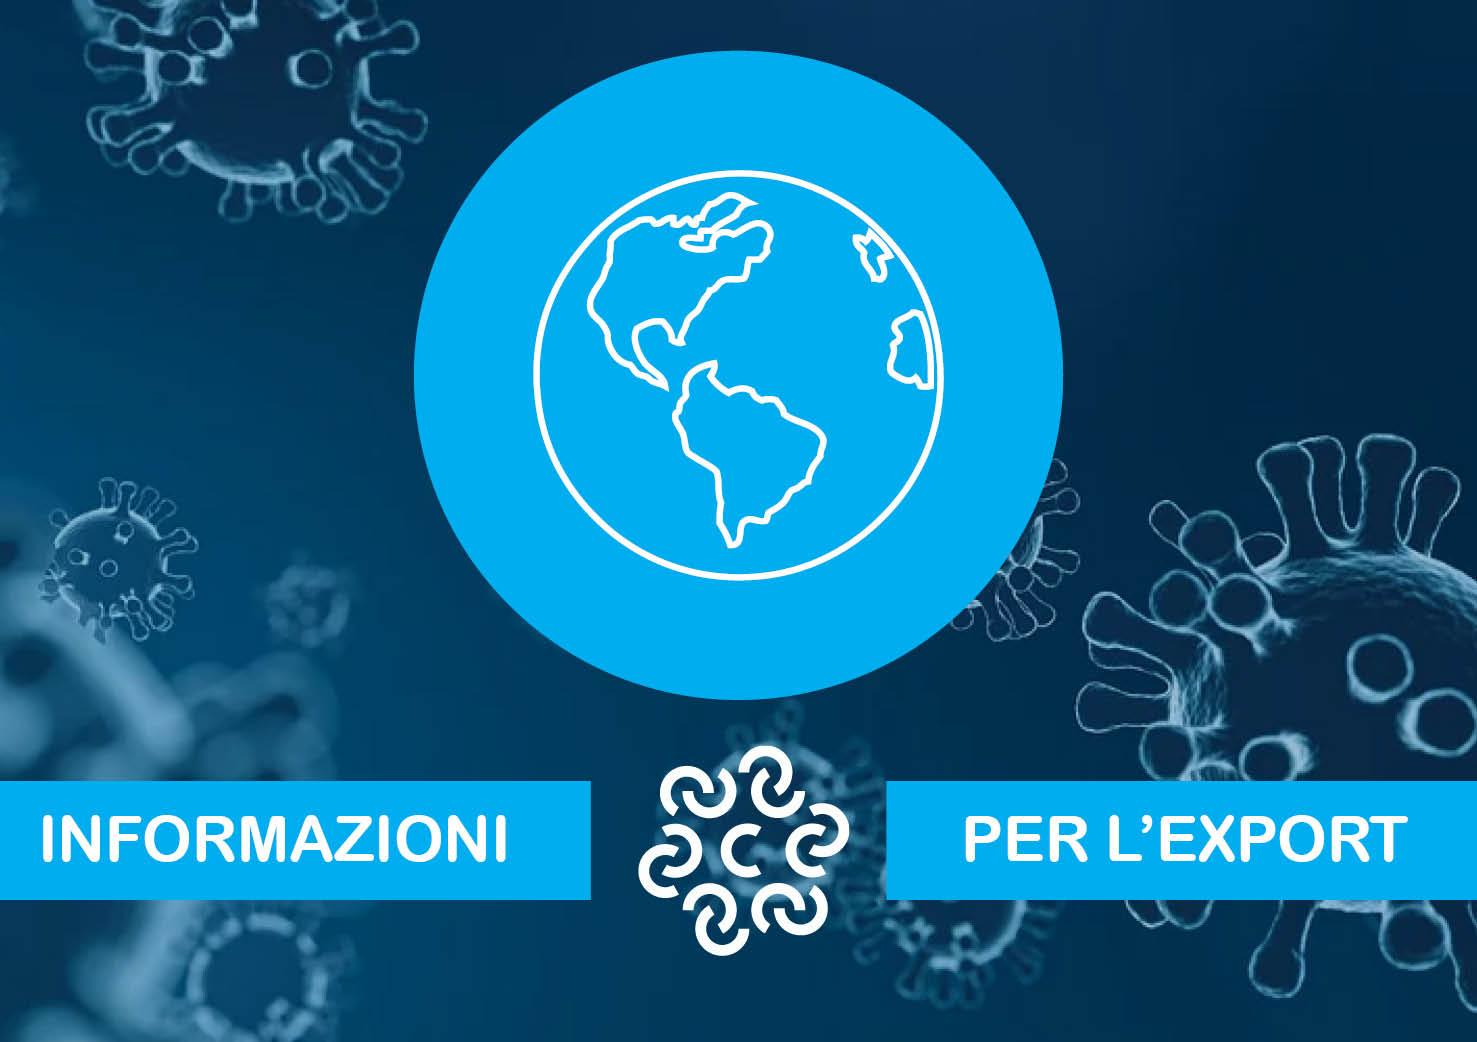 Comunicati e informazioni per le aziende che operano con l''estero